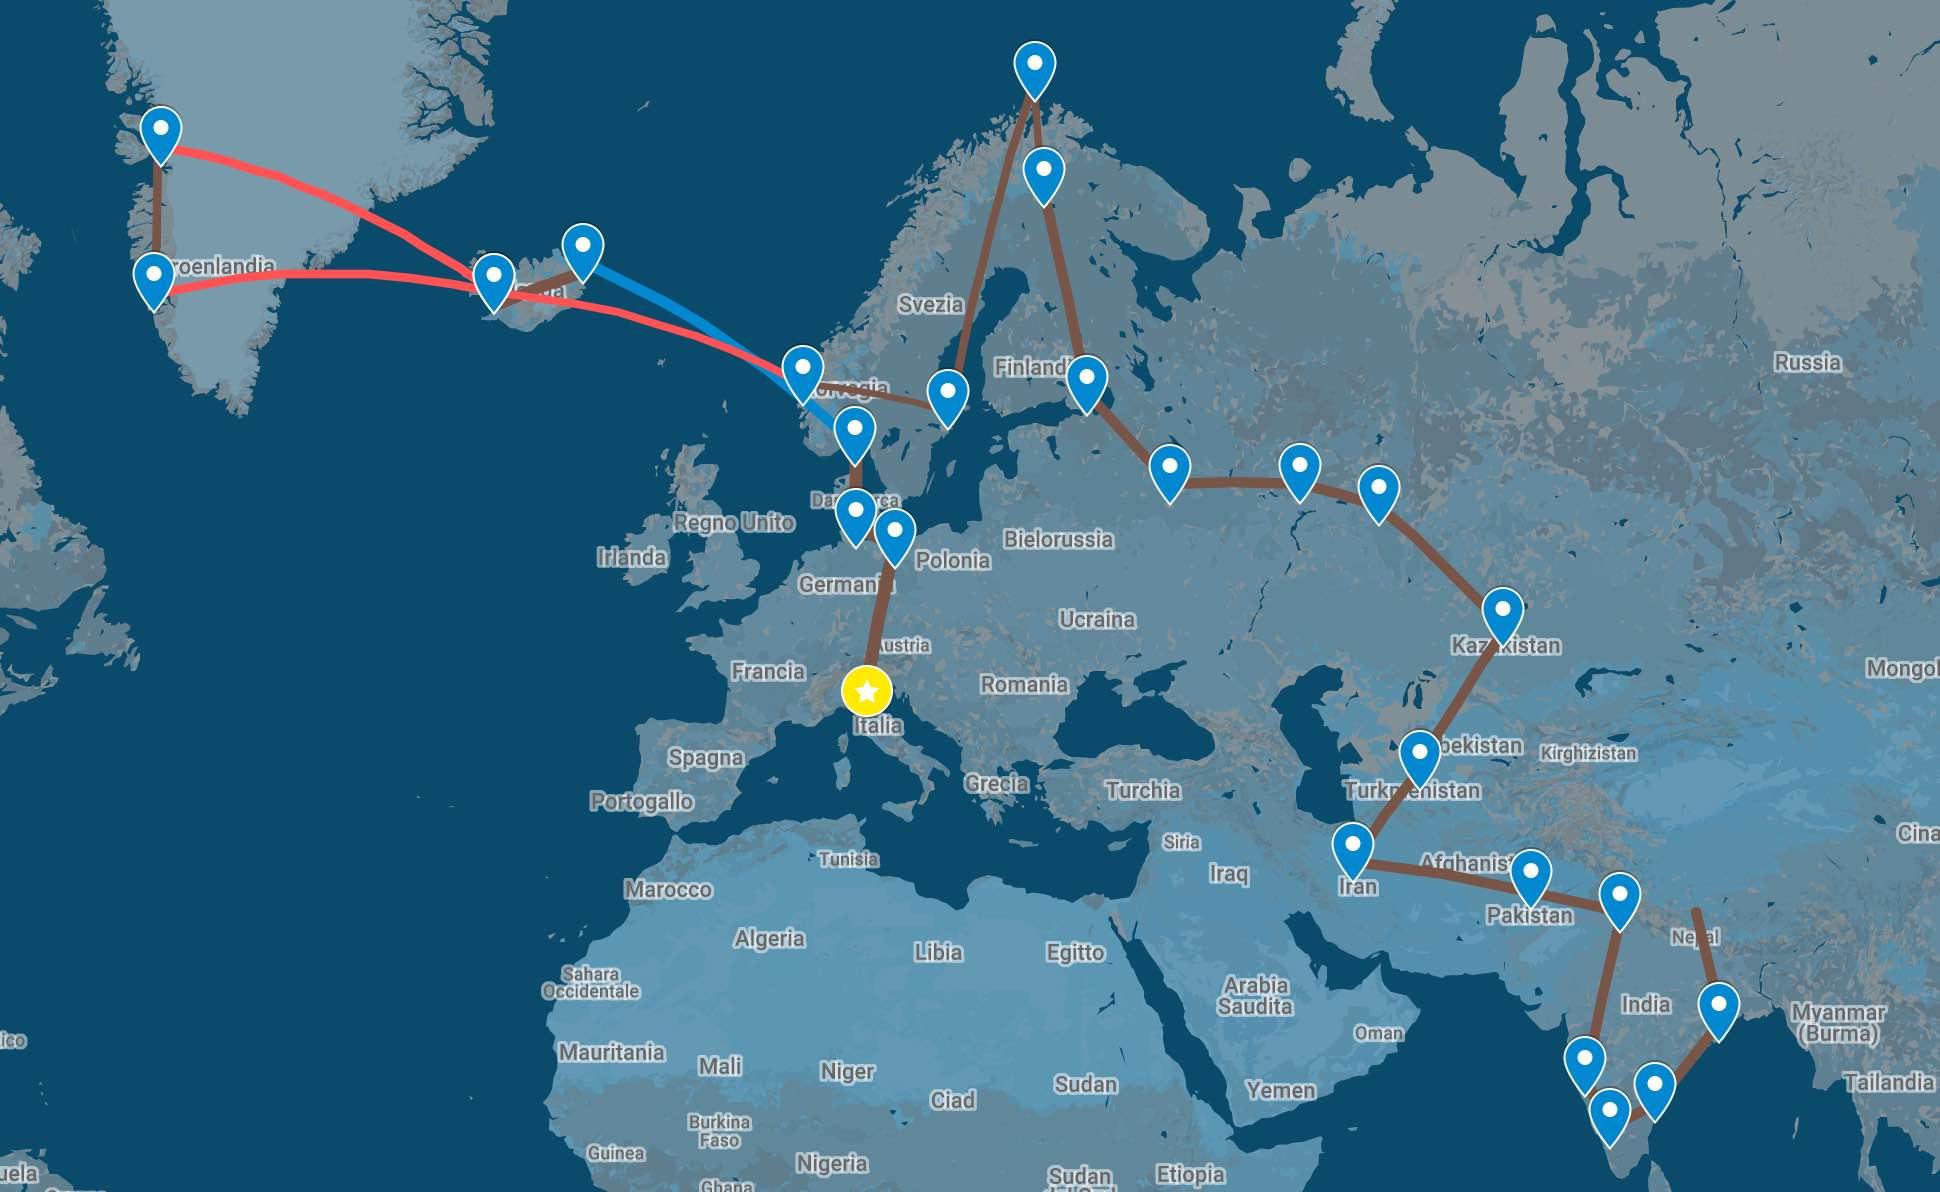 Mappa del percorso dei primi 6 mesi di viaggio